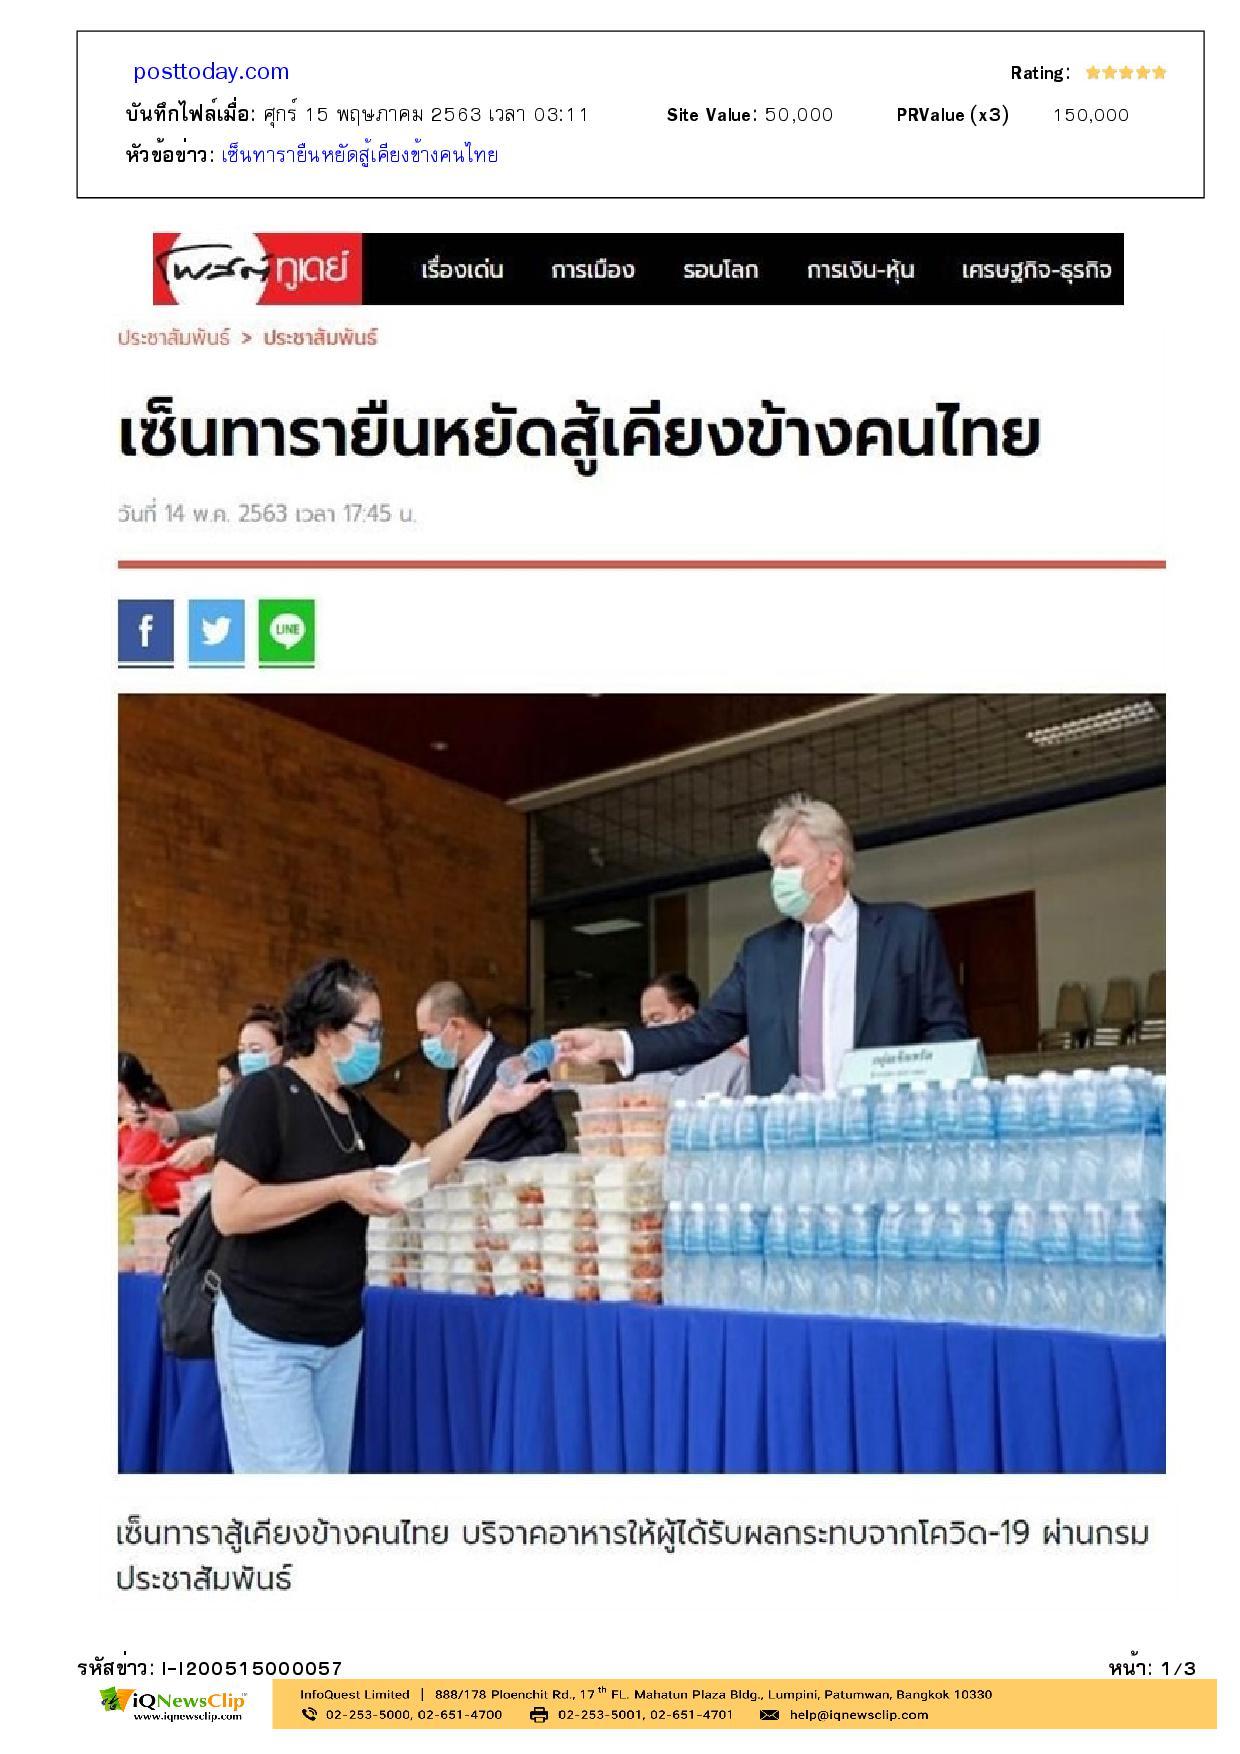 ระดมทุนผ่านบัตรเงินสด เพื่อมอบให้สภากาชาดไทย